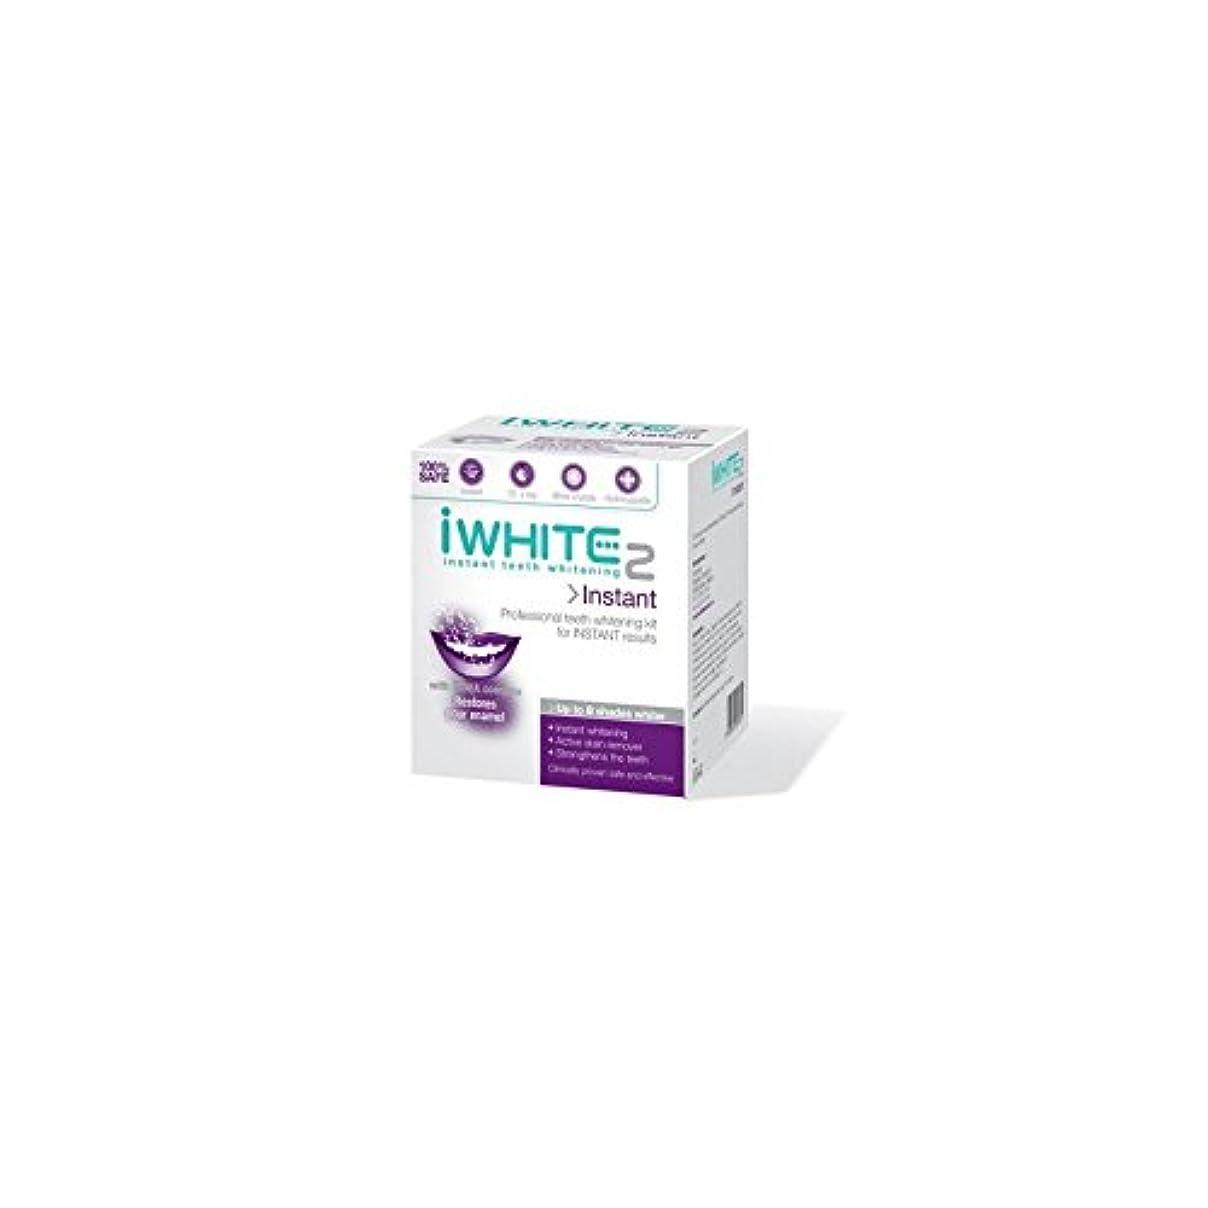 ジュニア先生アプトiWhite Instant 2 Professional Teeth Whitening Kit (10 Trays) (Pack of 6) - インスタントキットを白く2本のプロ歯(10トレイ) x6 [並行輸入品]